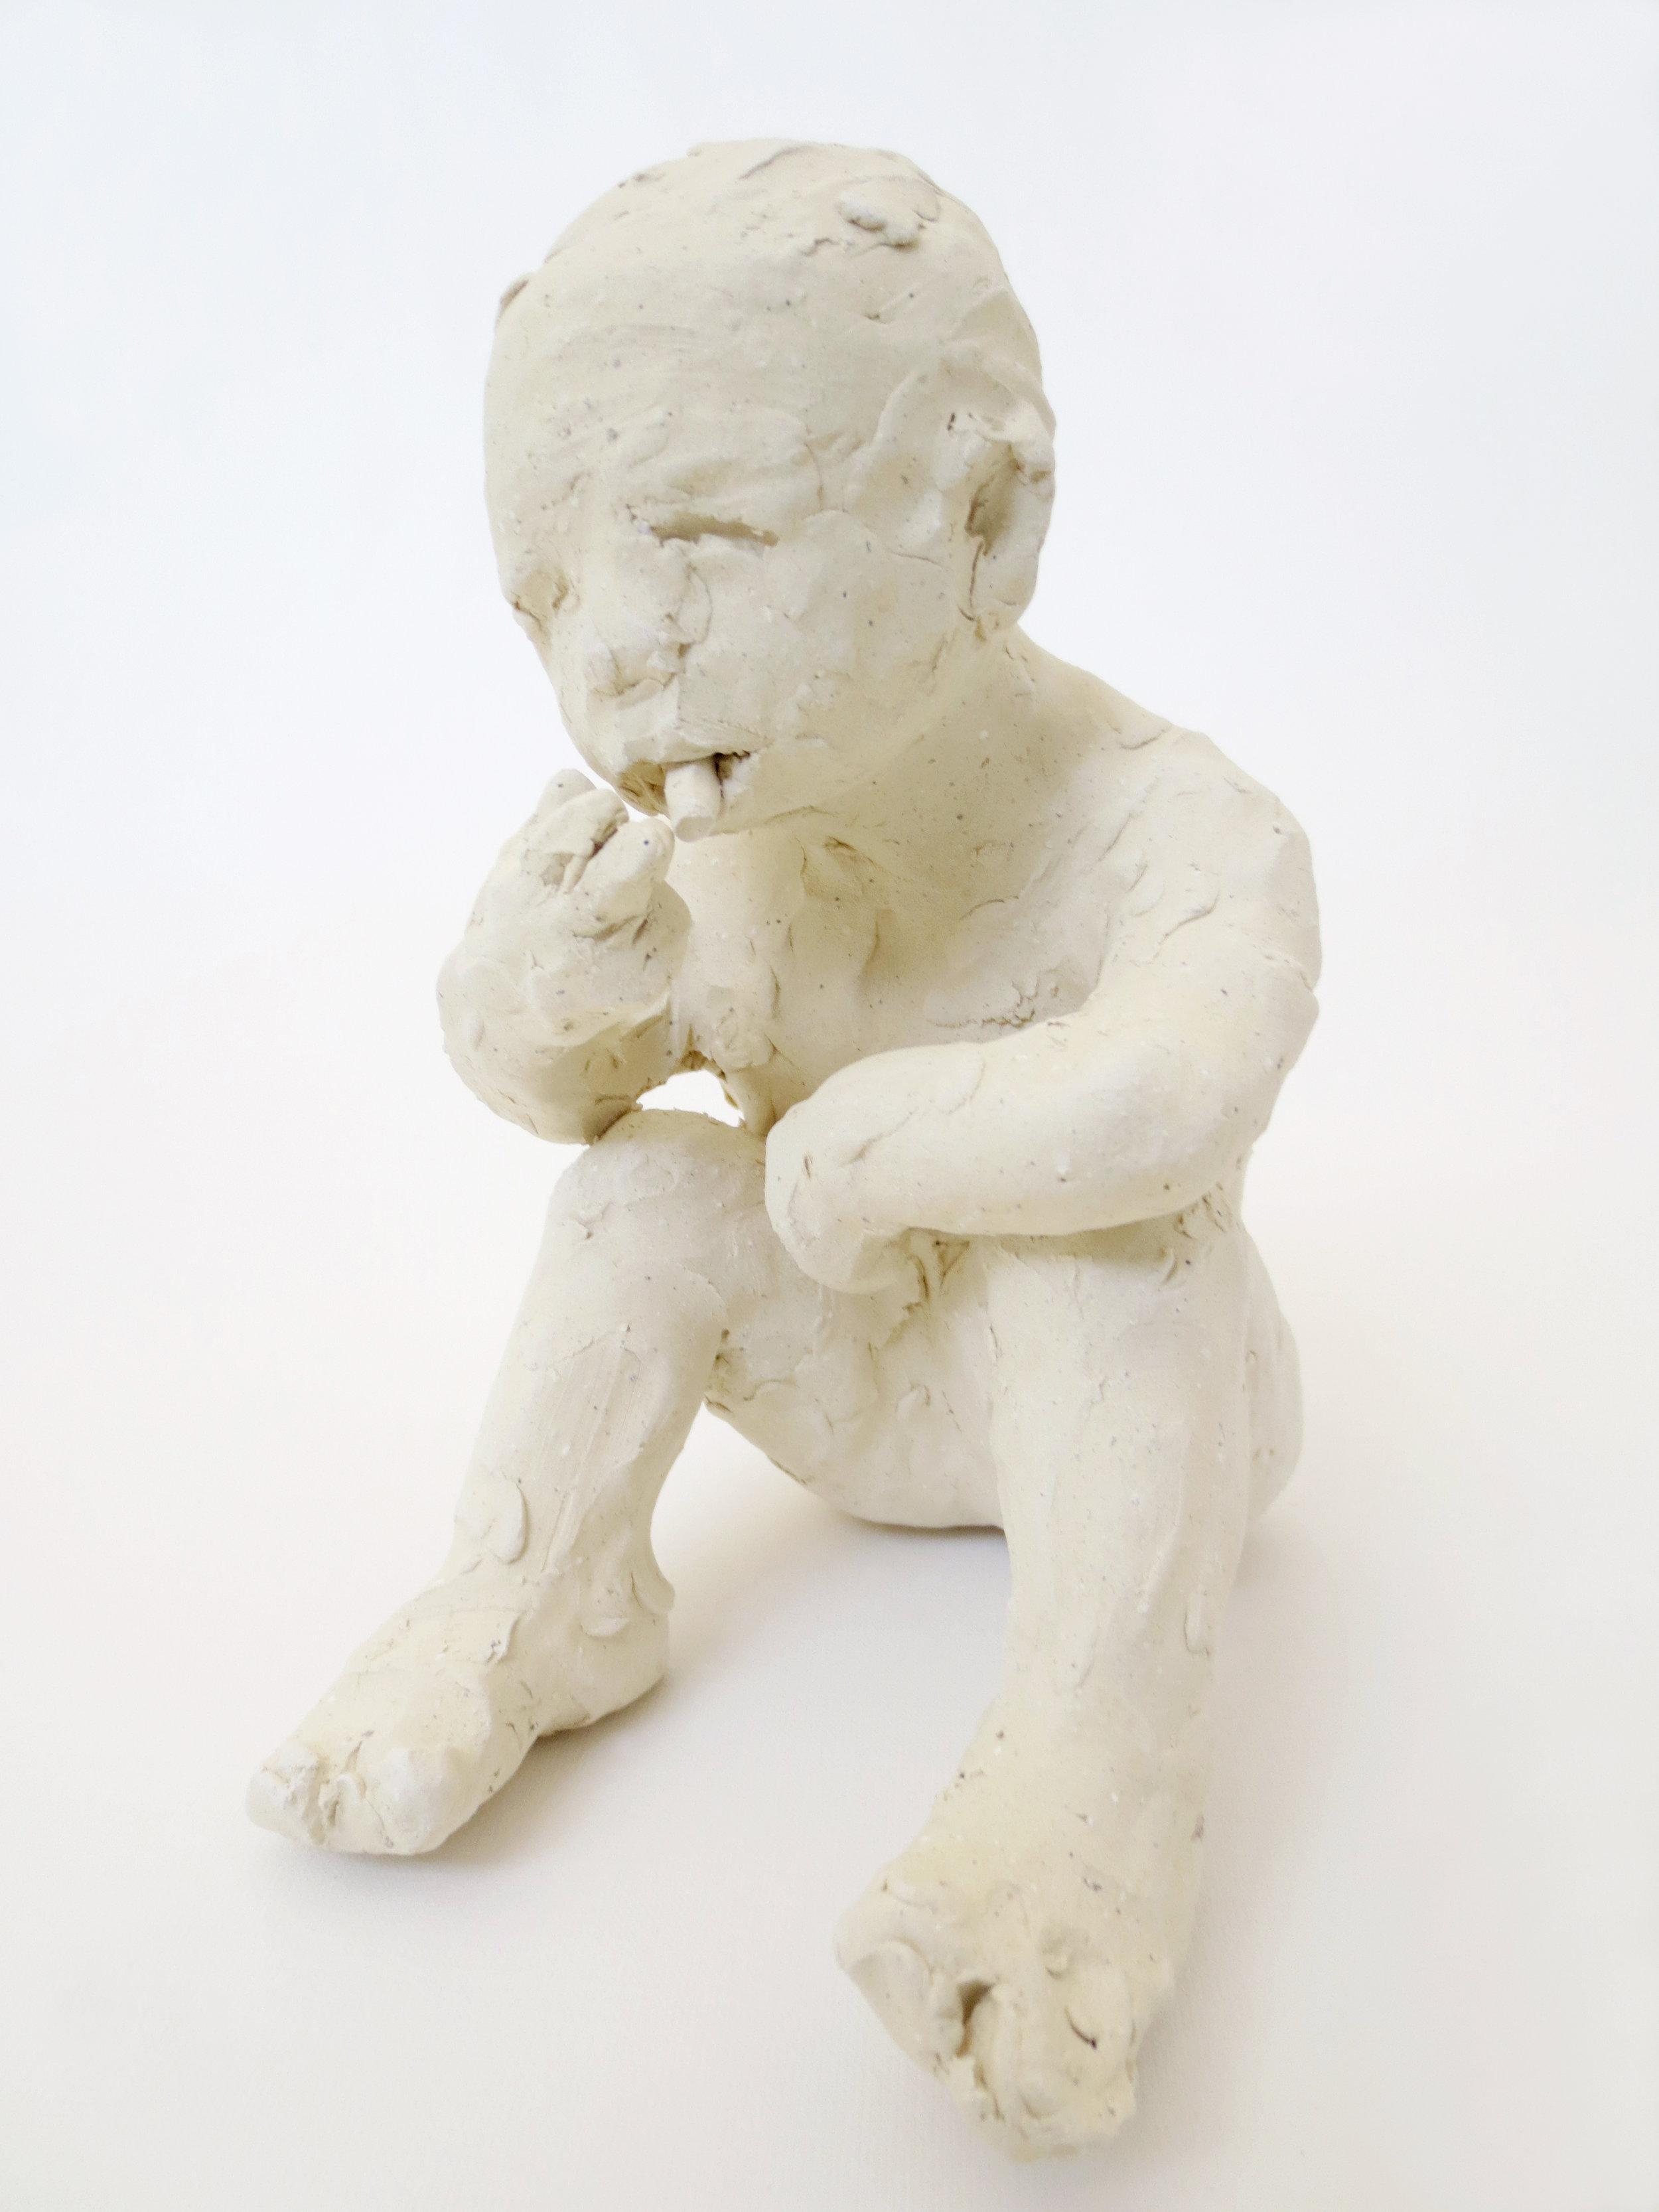 Fumando, 2014, Stoneware, 8 x 5 x 5 1/2 in.